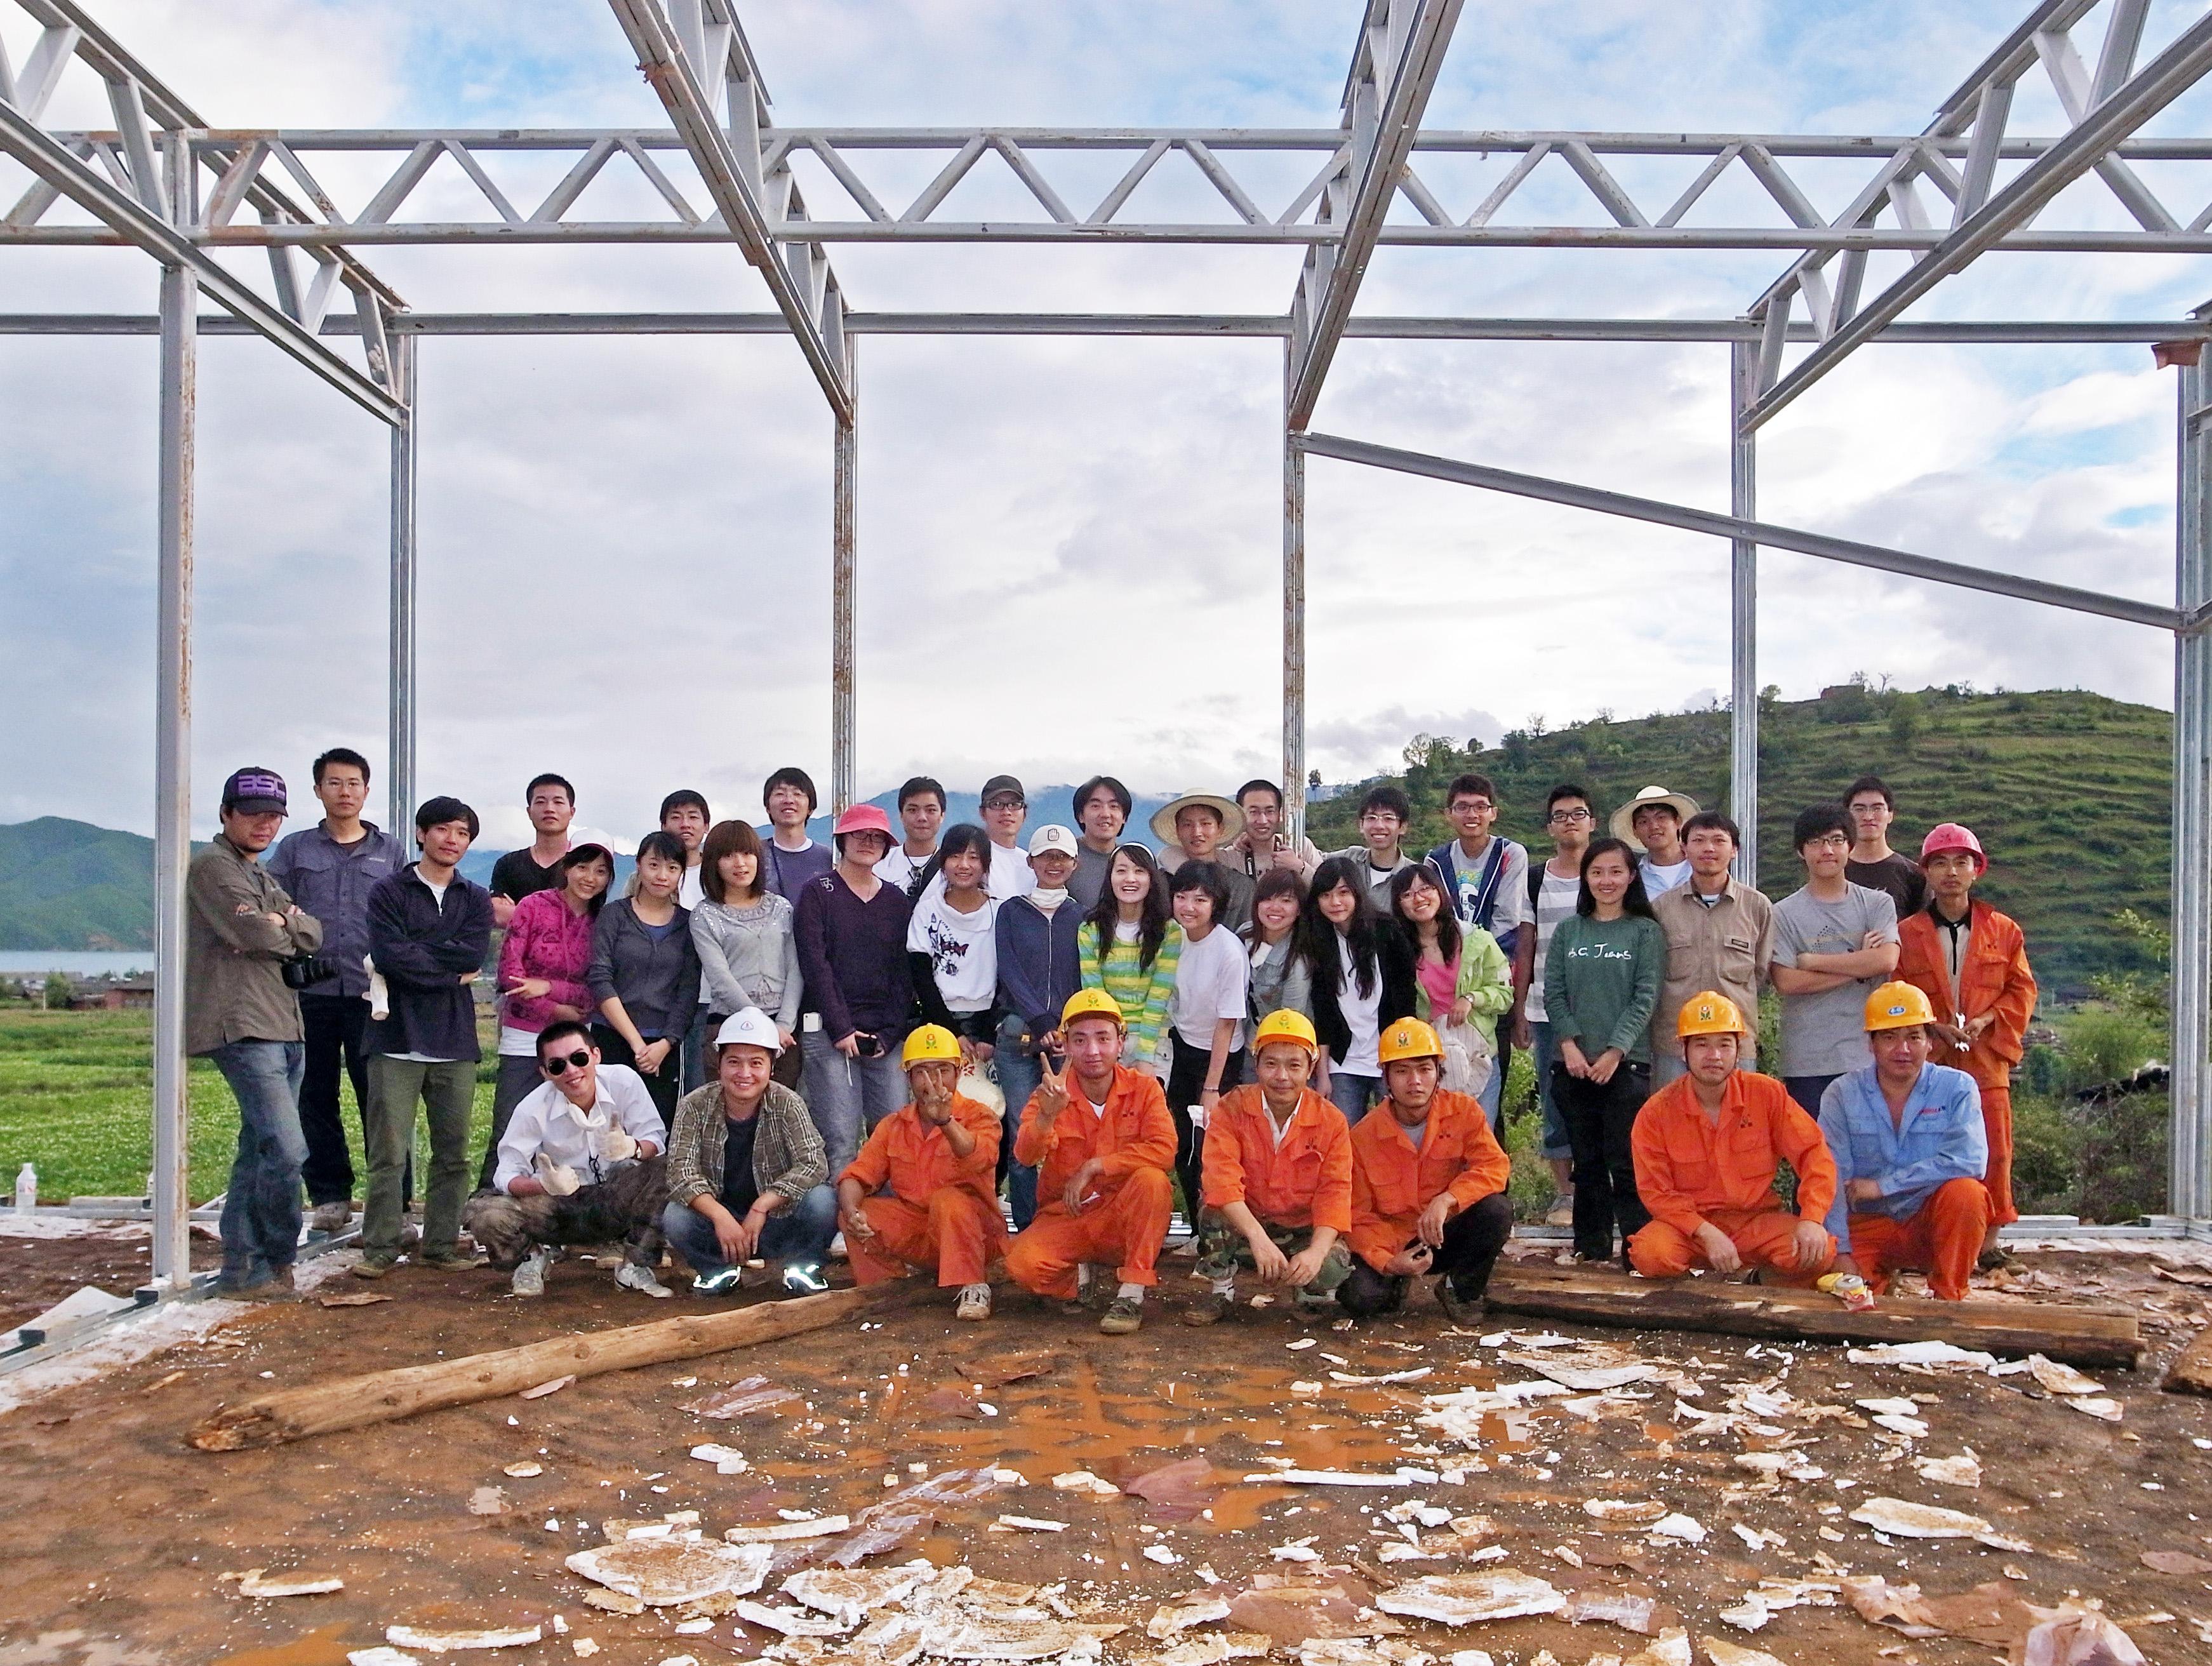 參與新芽學堂項目的大學生和建築師志願者